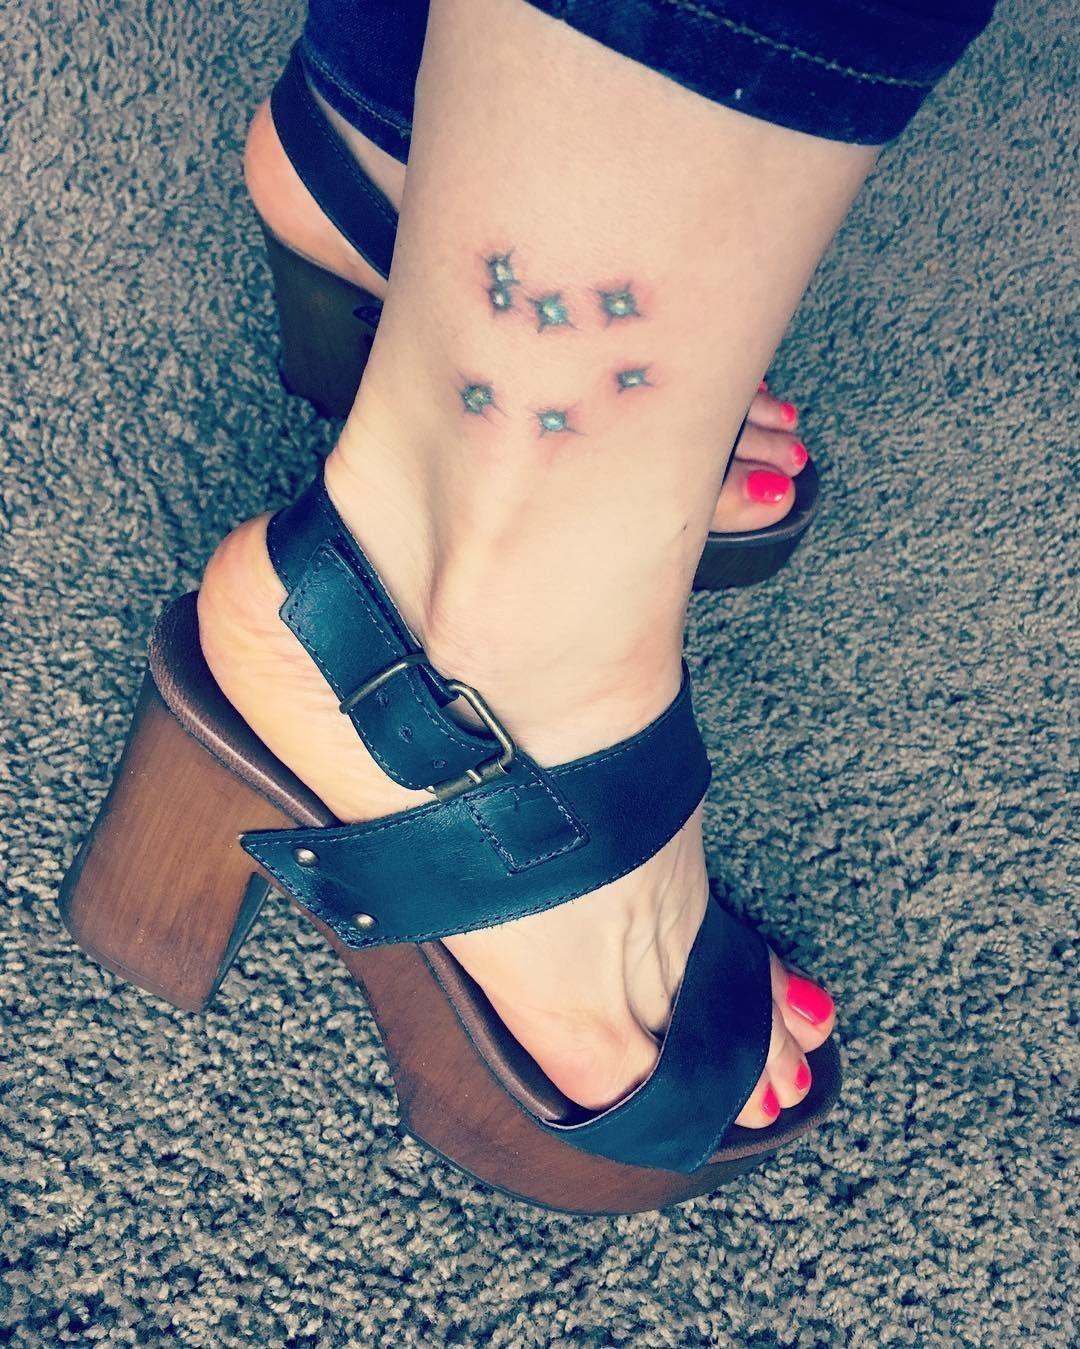 мягонькой фотографии татуировок на лодыжке также могут